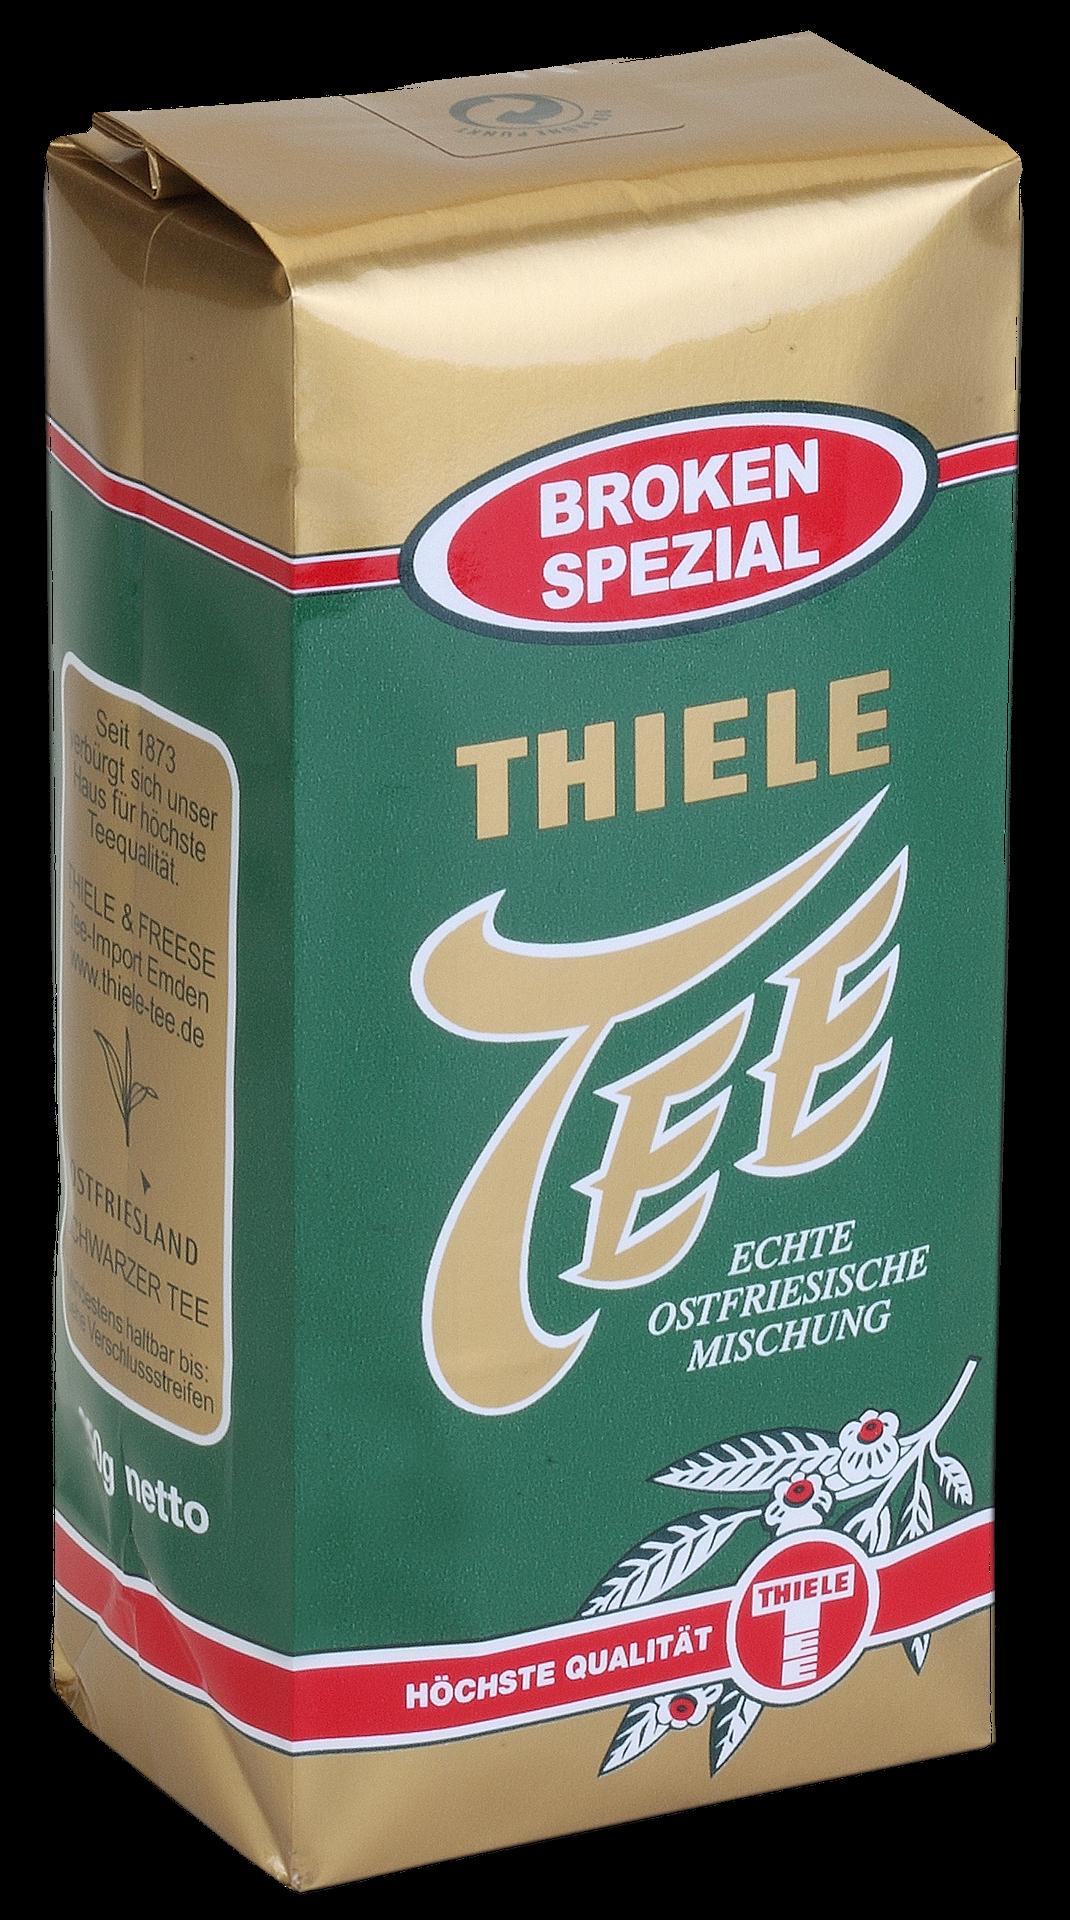 Broken Spezial 500g